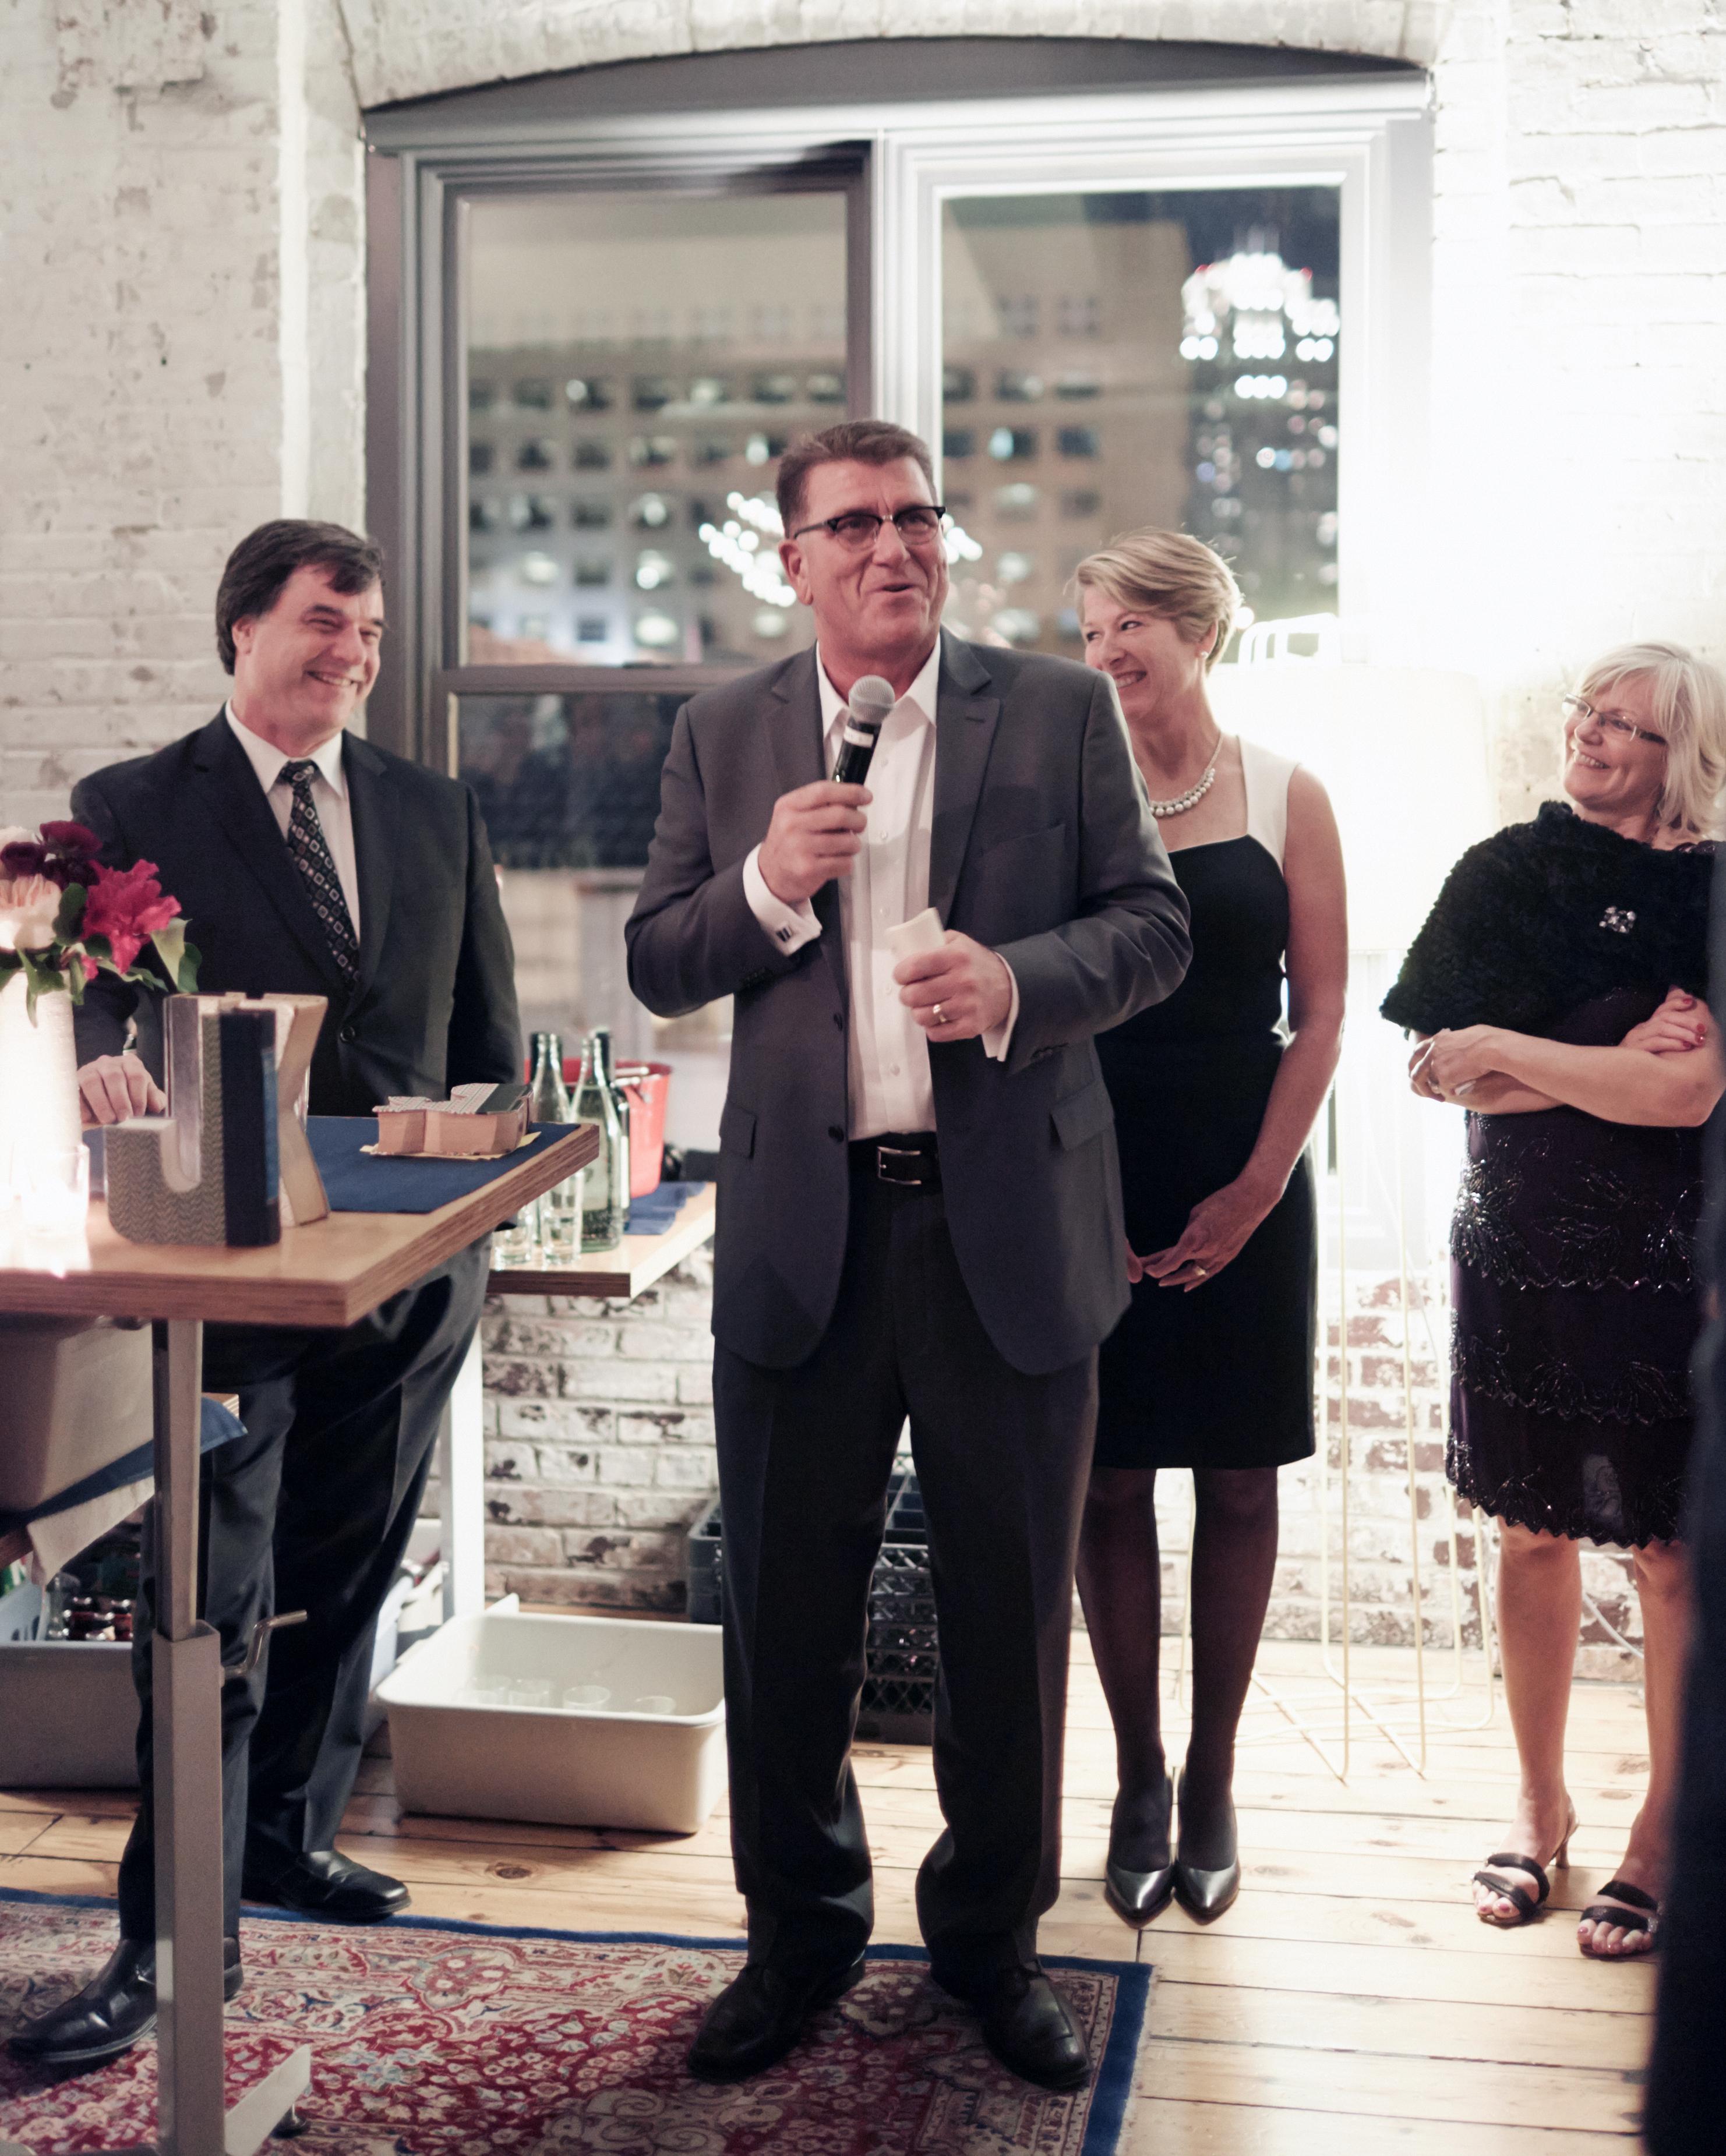 kate-joe-wedding-toasts-0518-s111816-0215.jpg